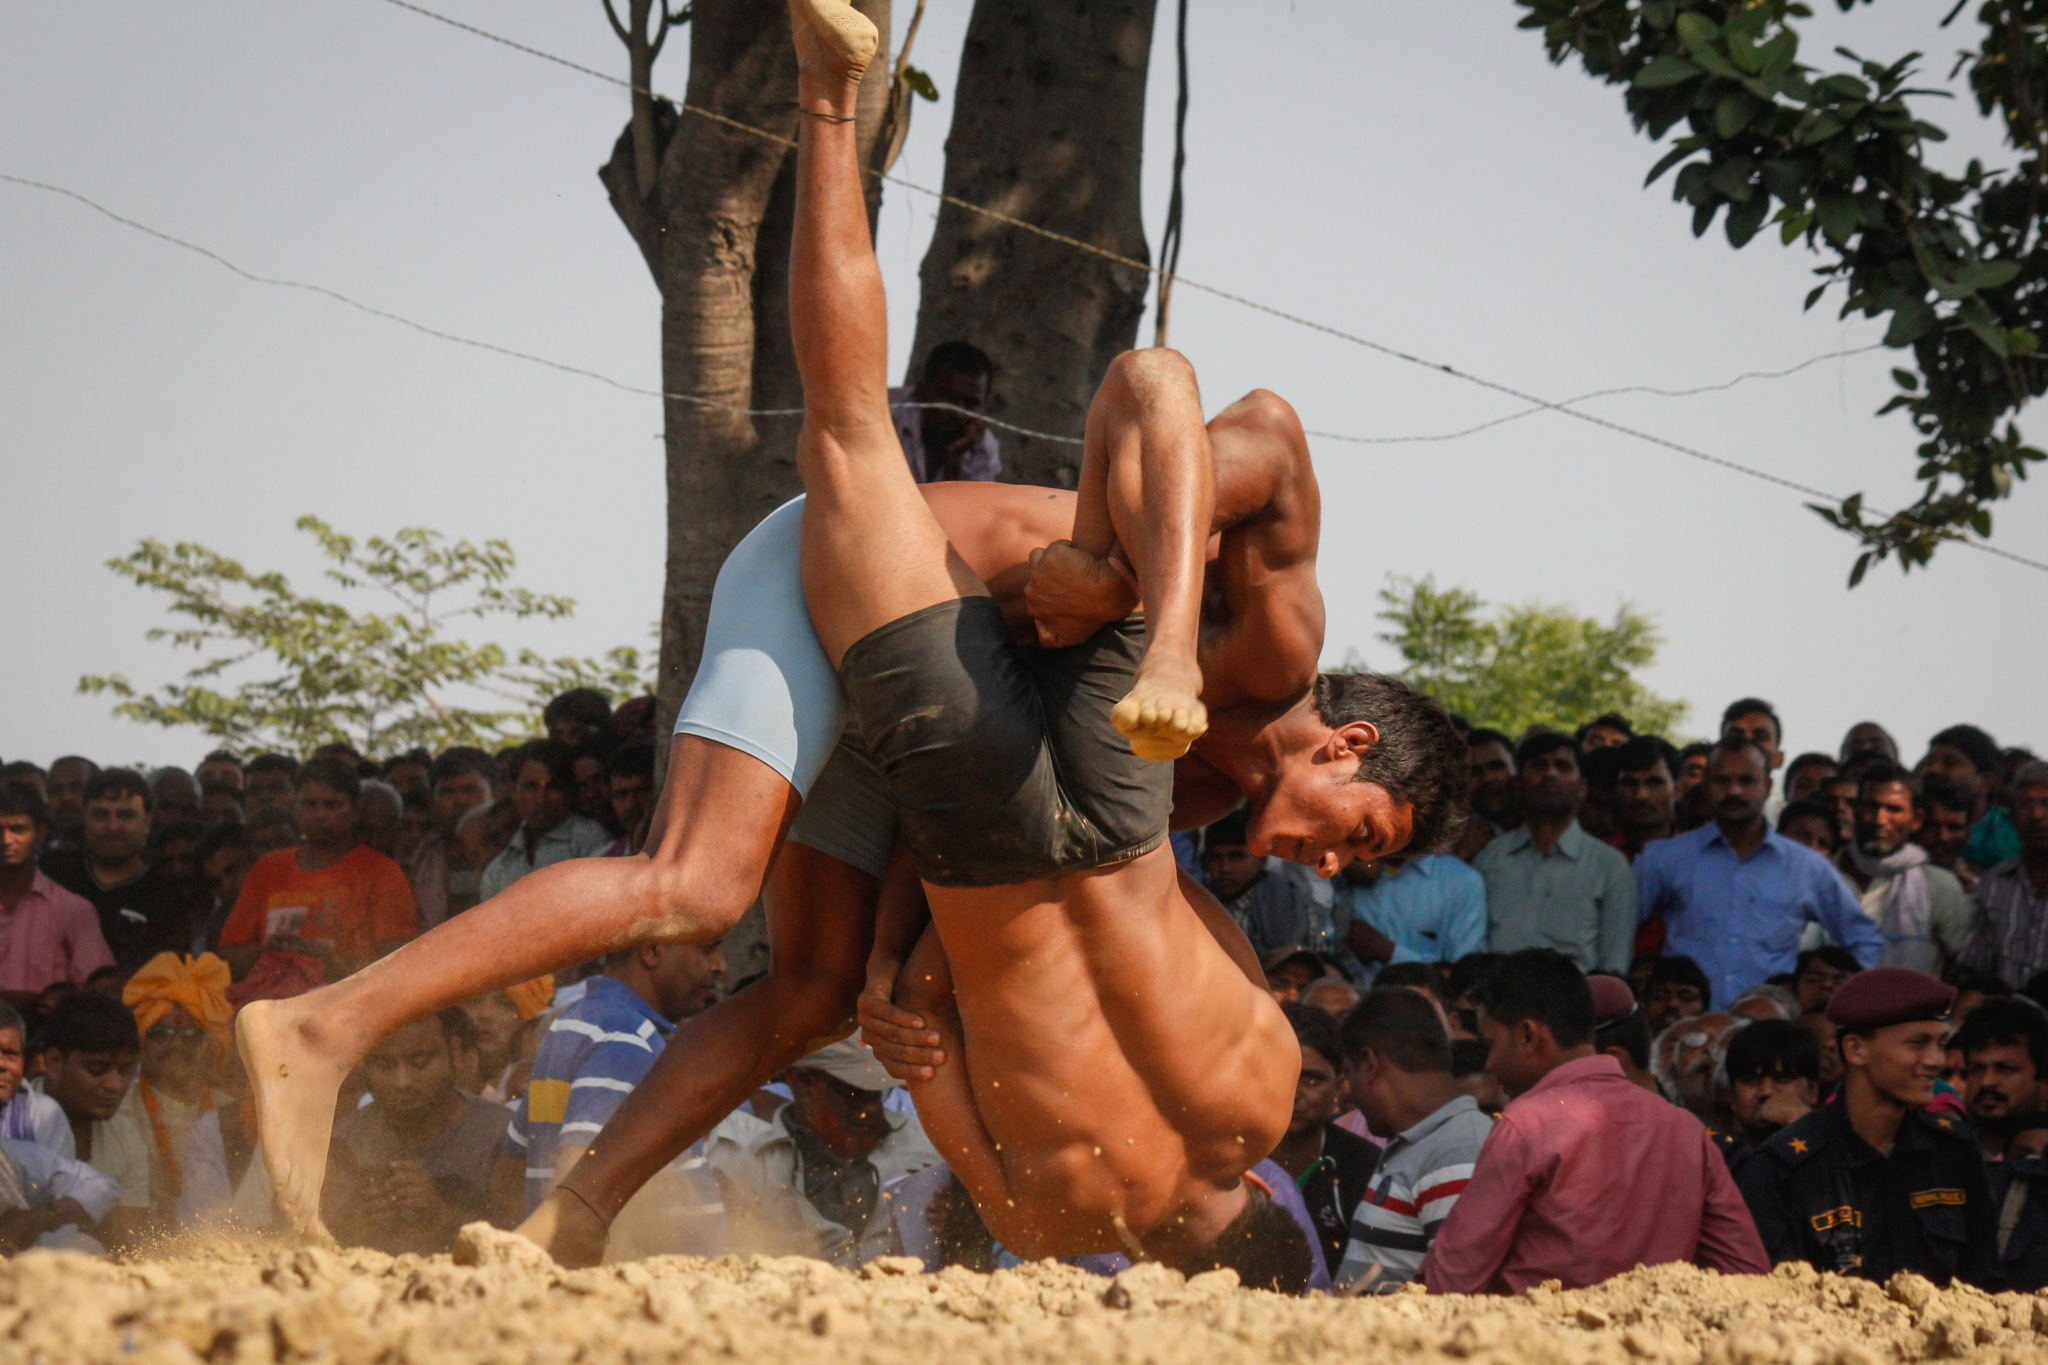 Kushti (Wrestling) by susilshah